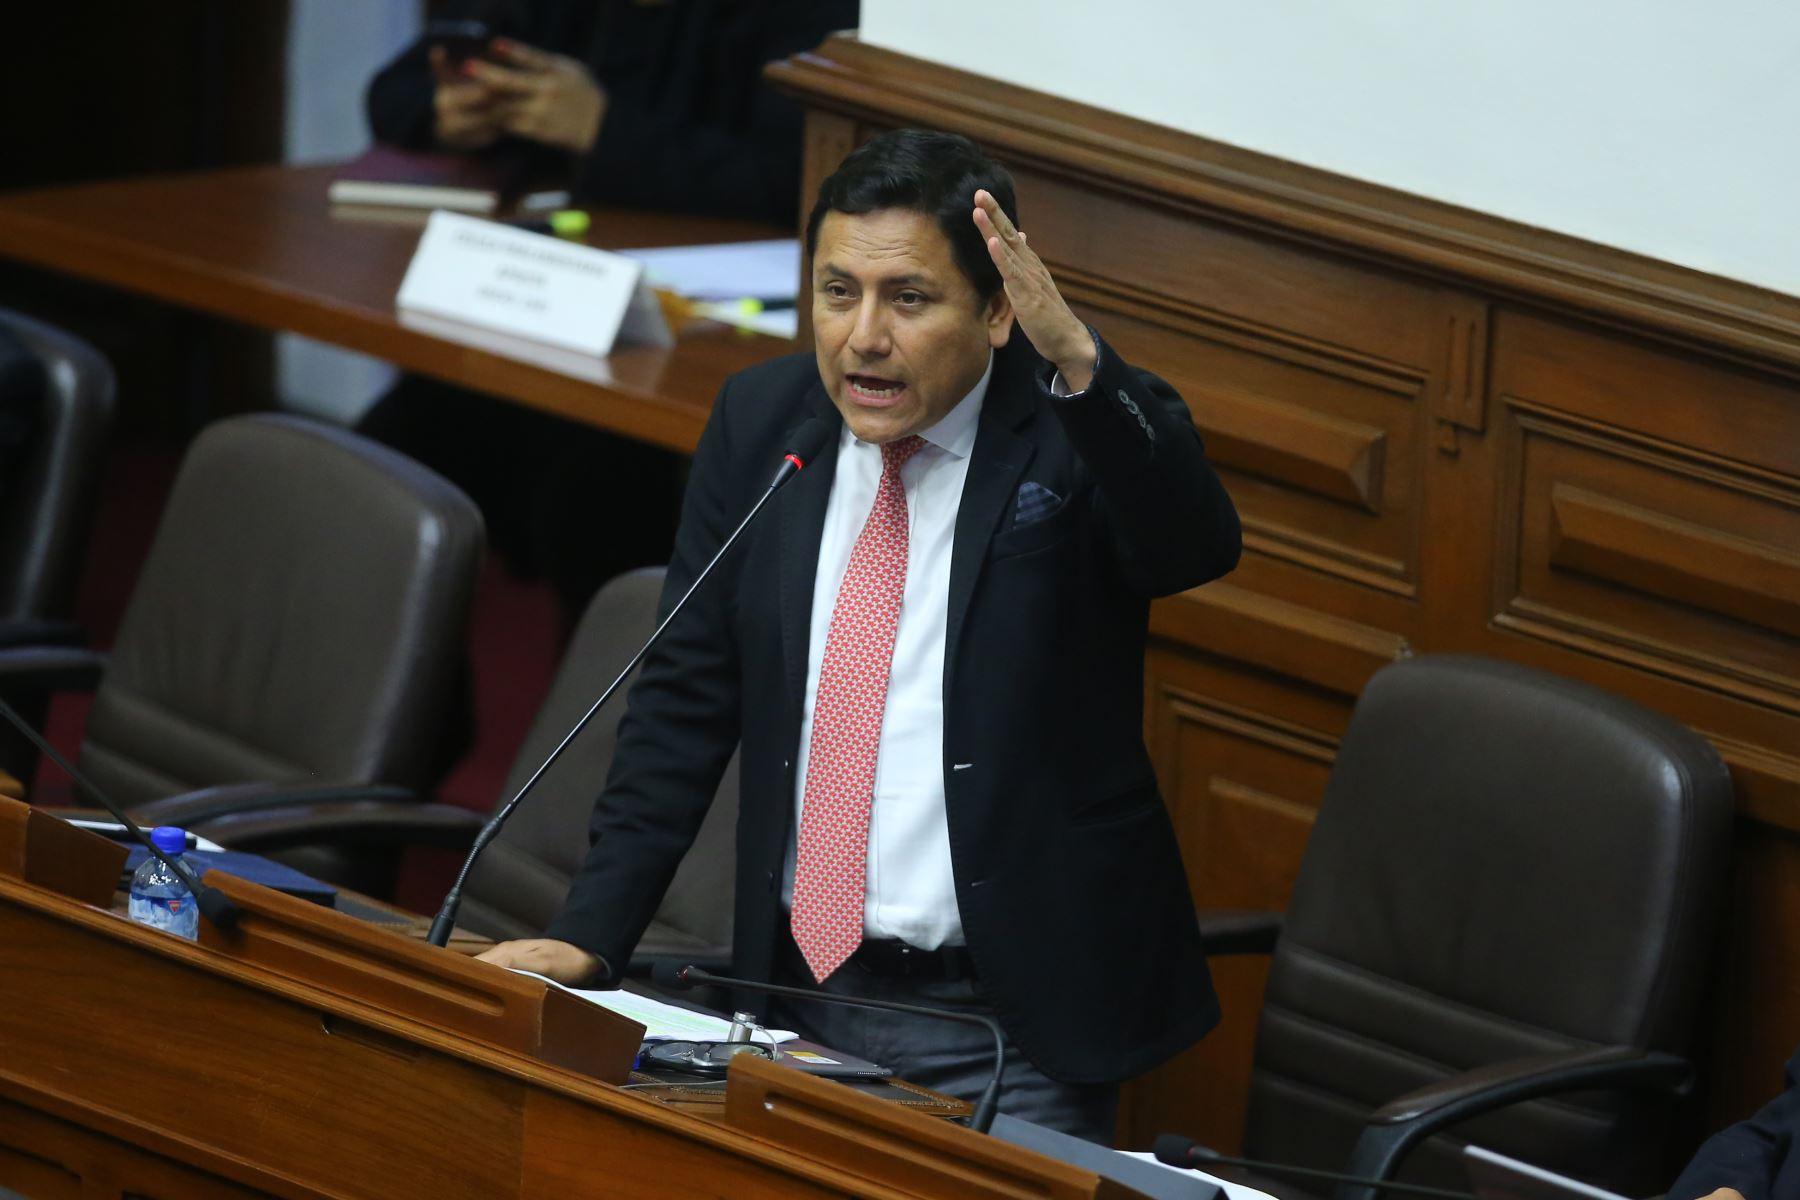 Congresista Elias Rodriguez  interviene en el debate sobre la cuestión de confianza en el Congreso de la República. Foto: ANDINA/Vidal Tarqui